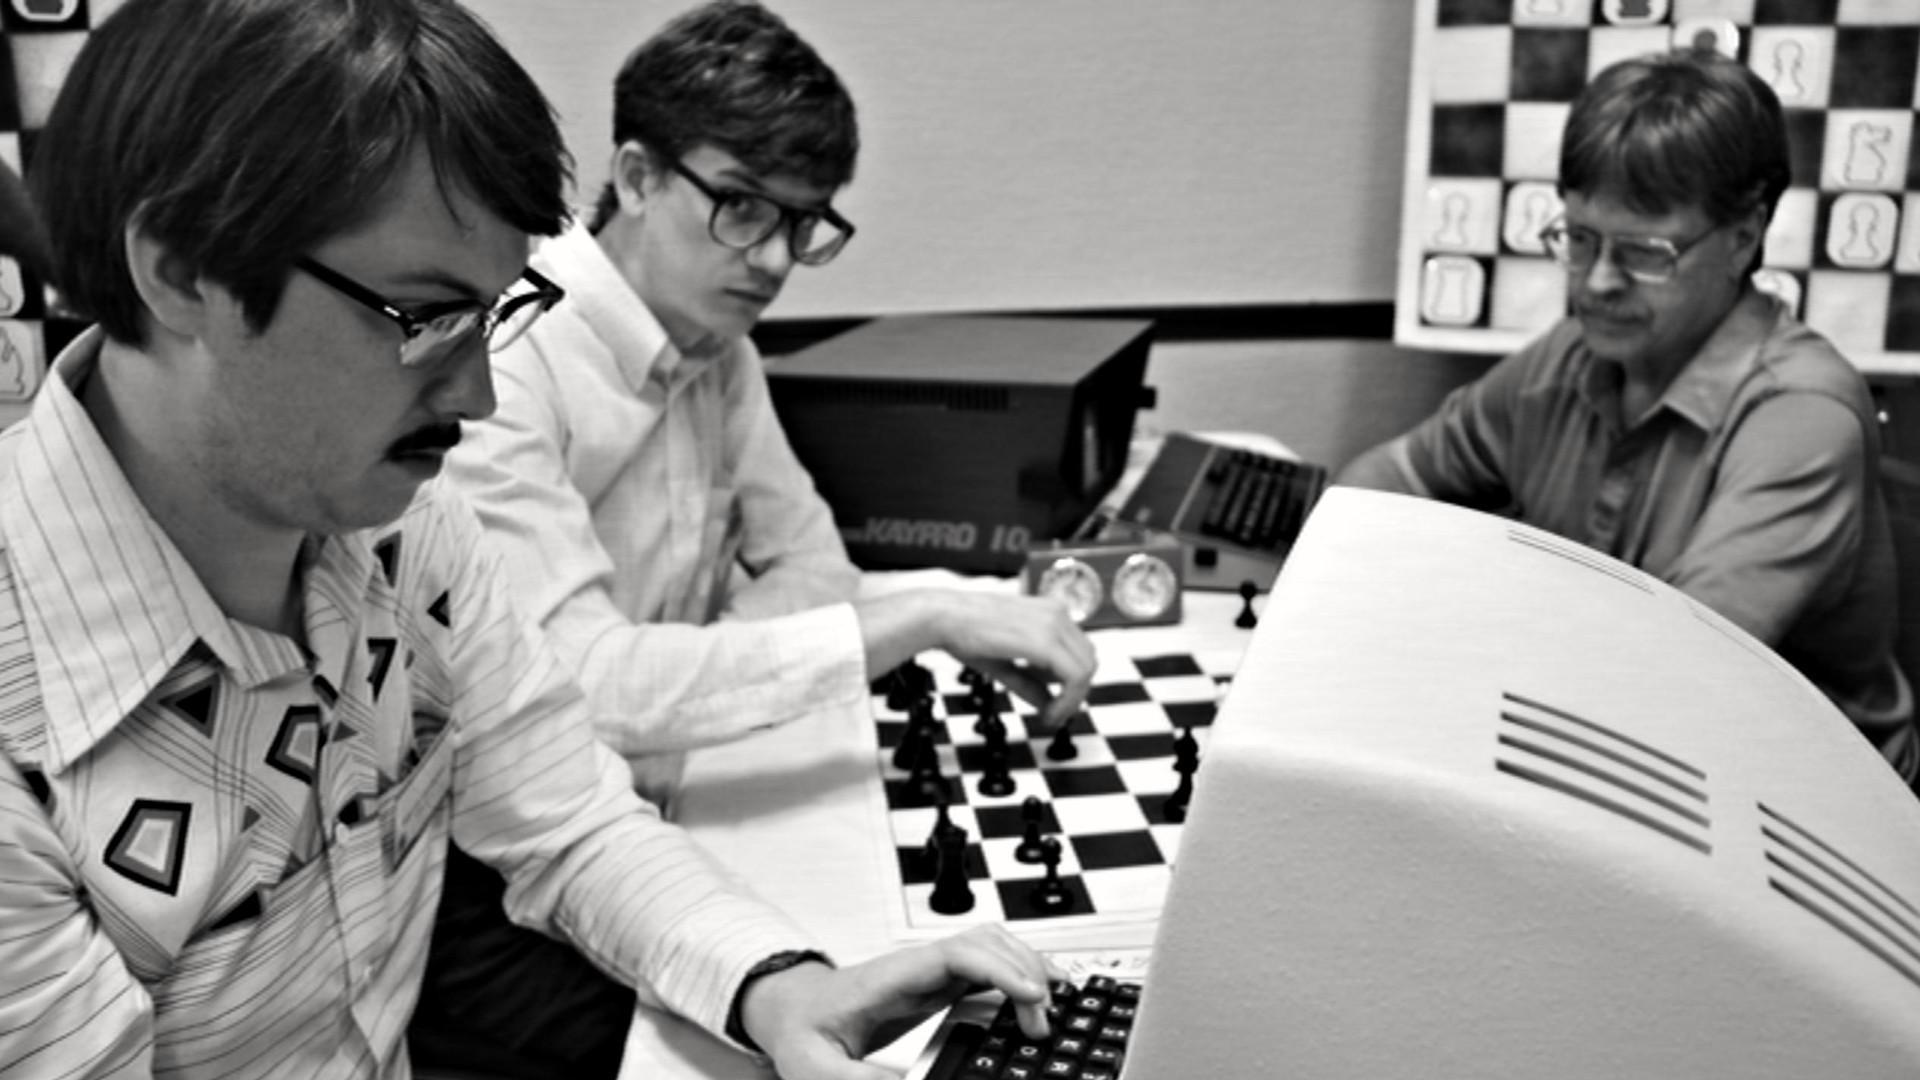 Компьютерные шахматы смотреть фото